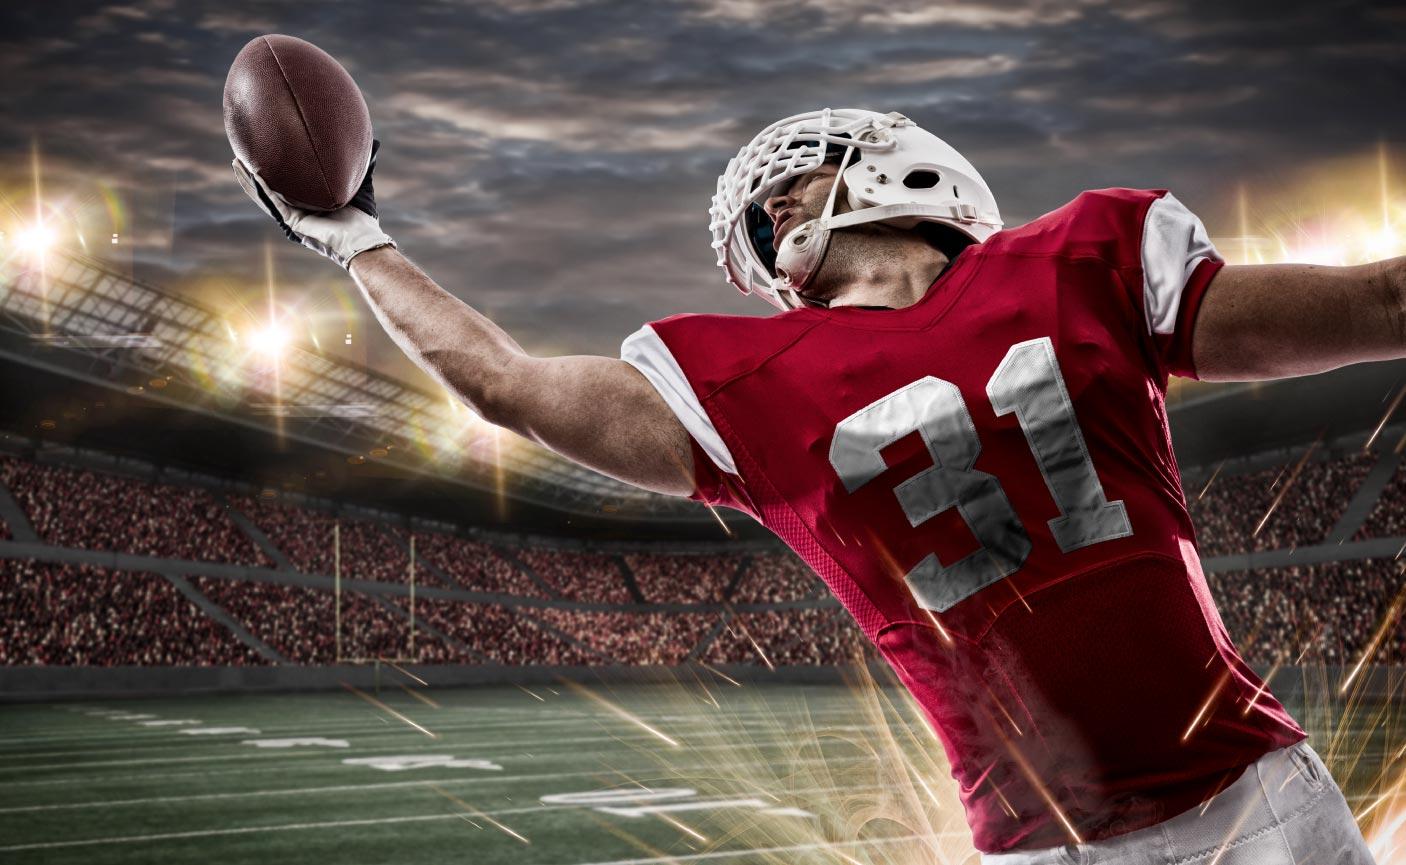 Football athlete